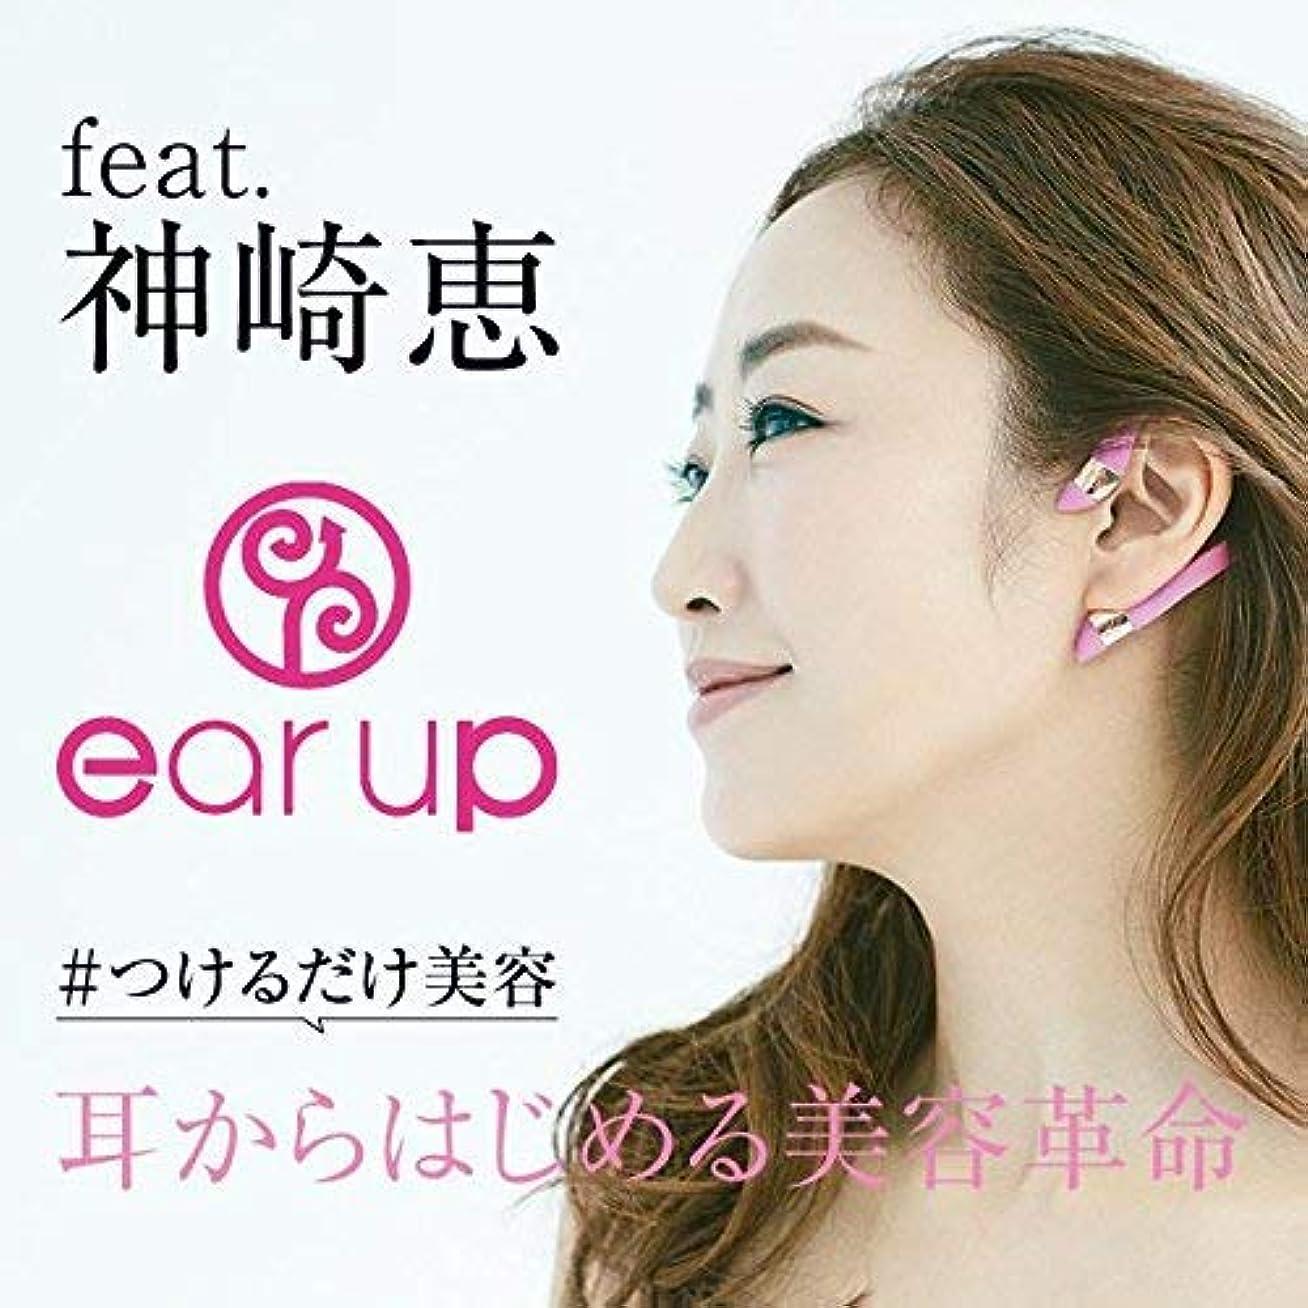 ショートカット王女ムスエイベックスビューティーメソッド ear up イヤーアップ feat.神崎恵